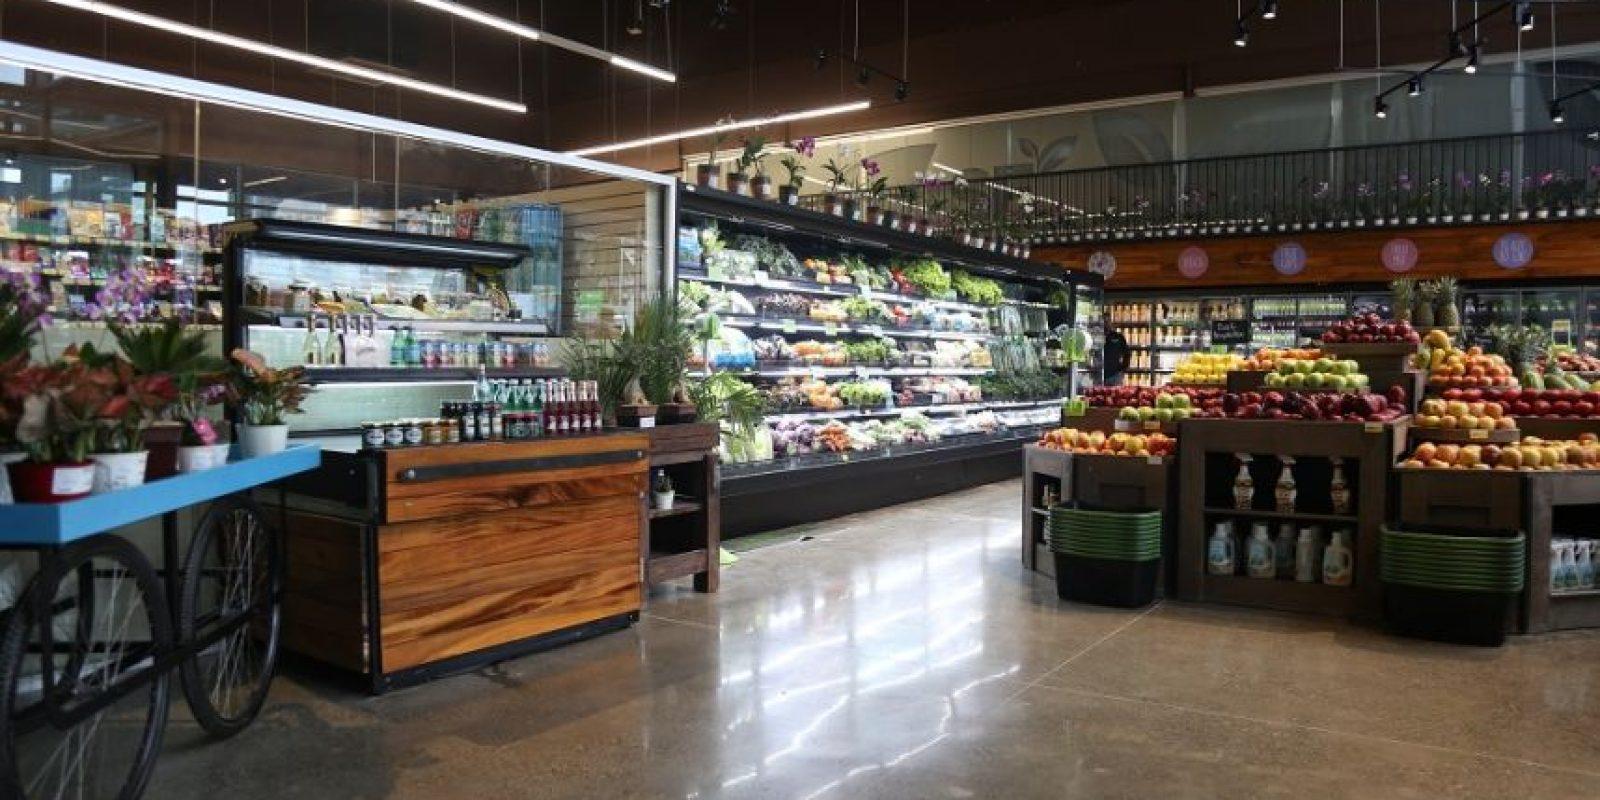 Foto:Cortesía super fresh market